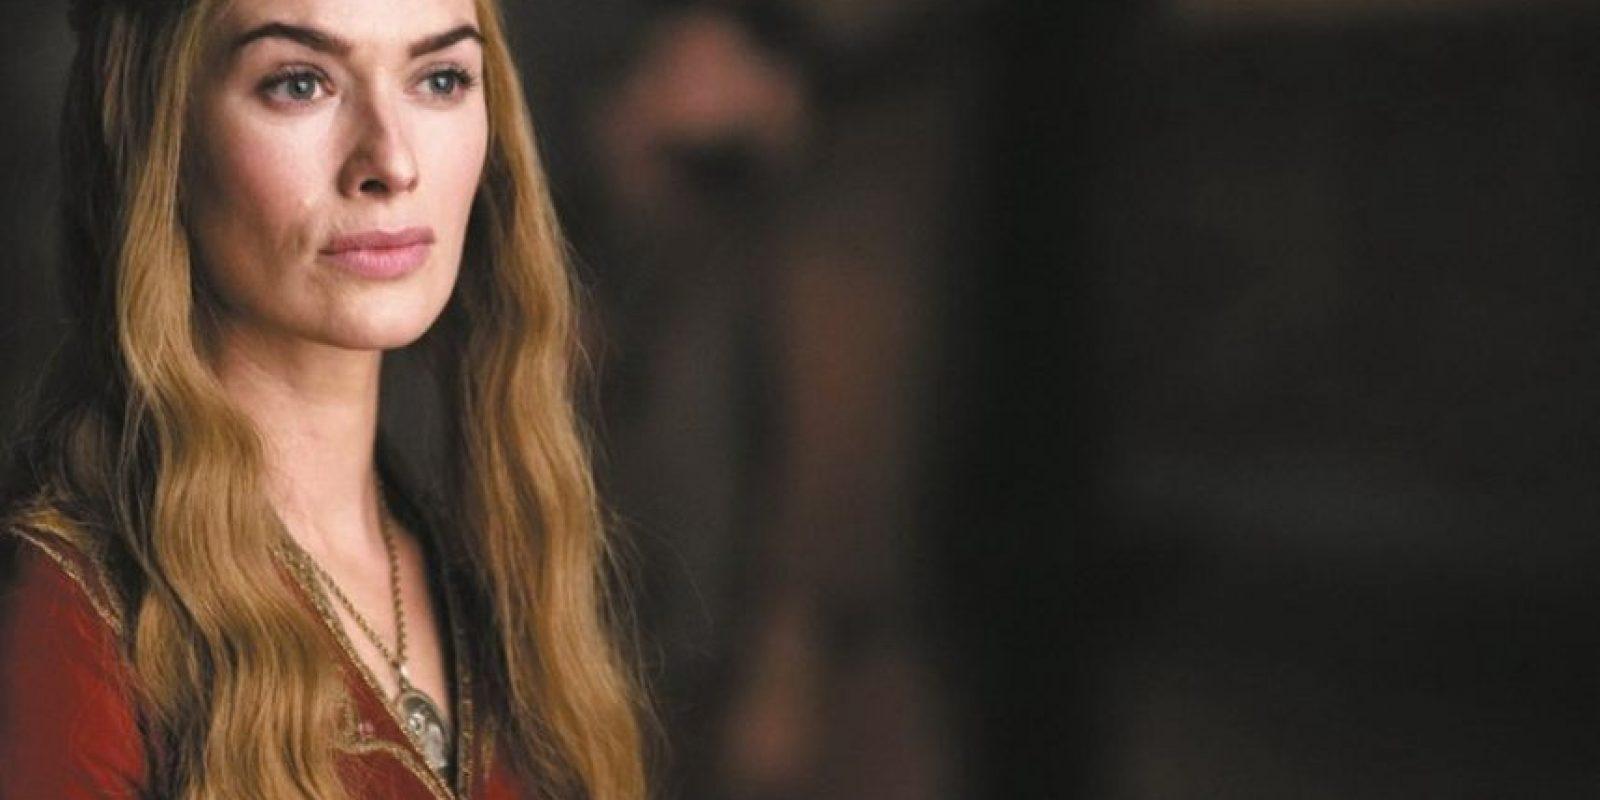 """Lena Headey es conocida mundialmente por interpretar a la malvada Cersei Lannister en """"Juego de Tronos"""" Foto:HBO"""